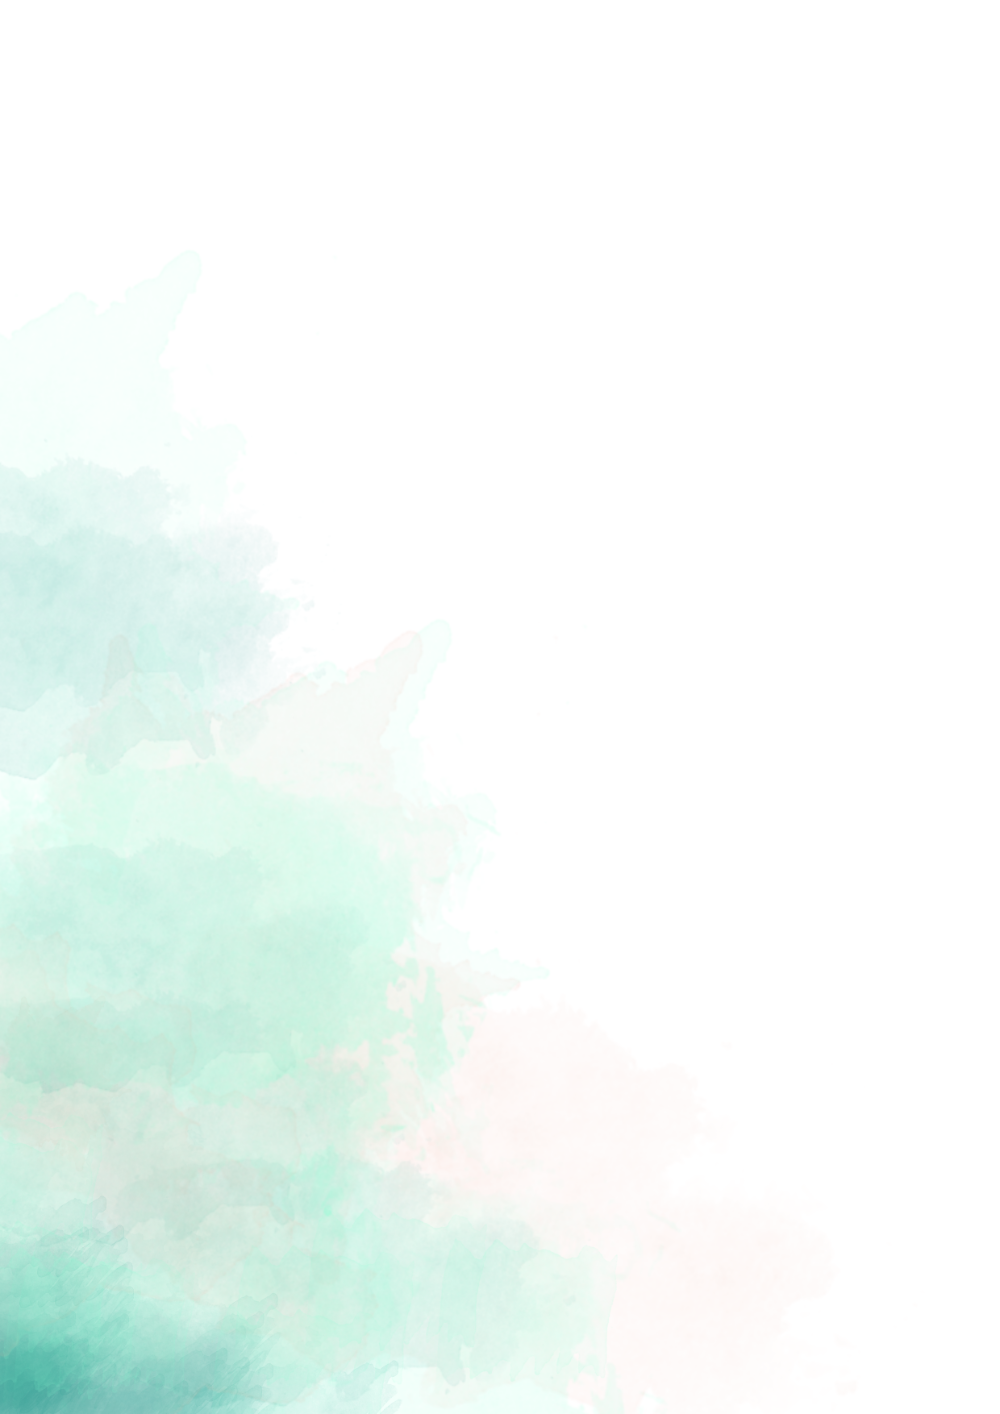 CV Wallpapers - Wallpaper Cave